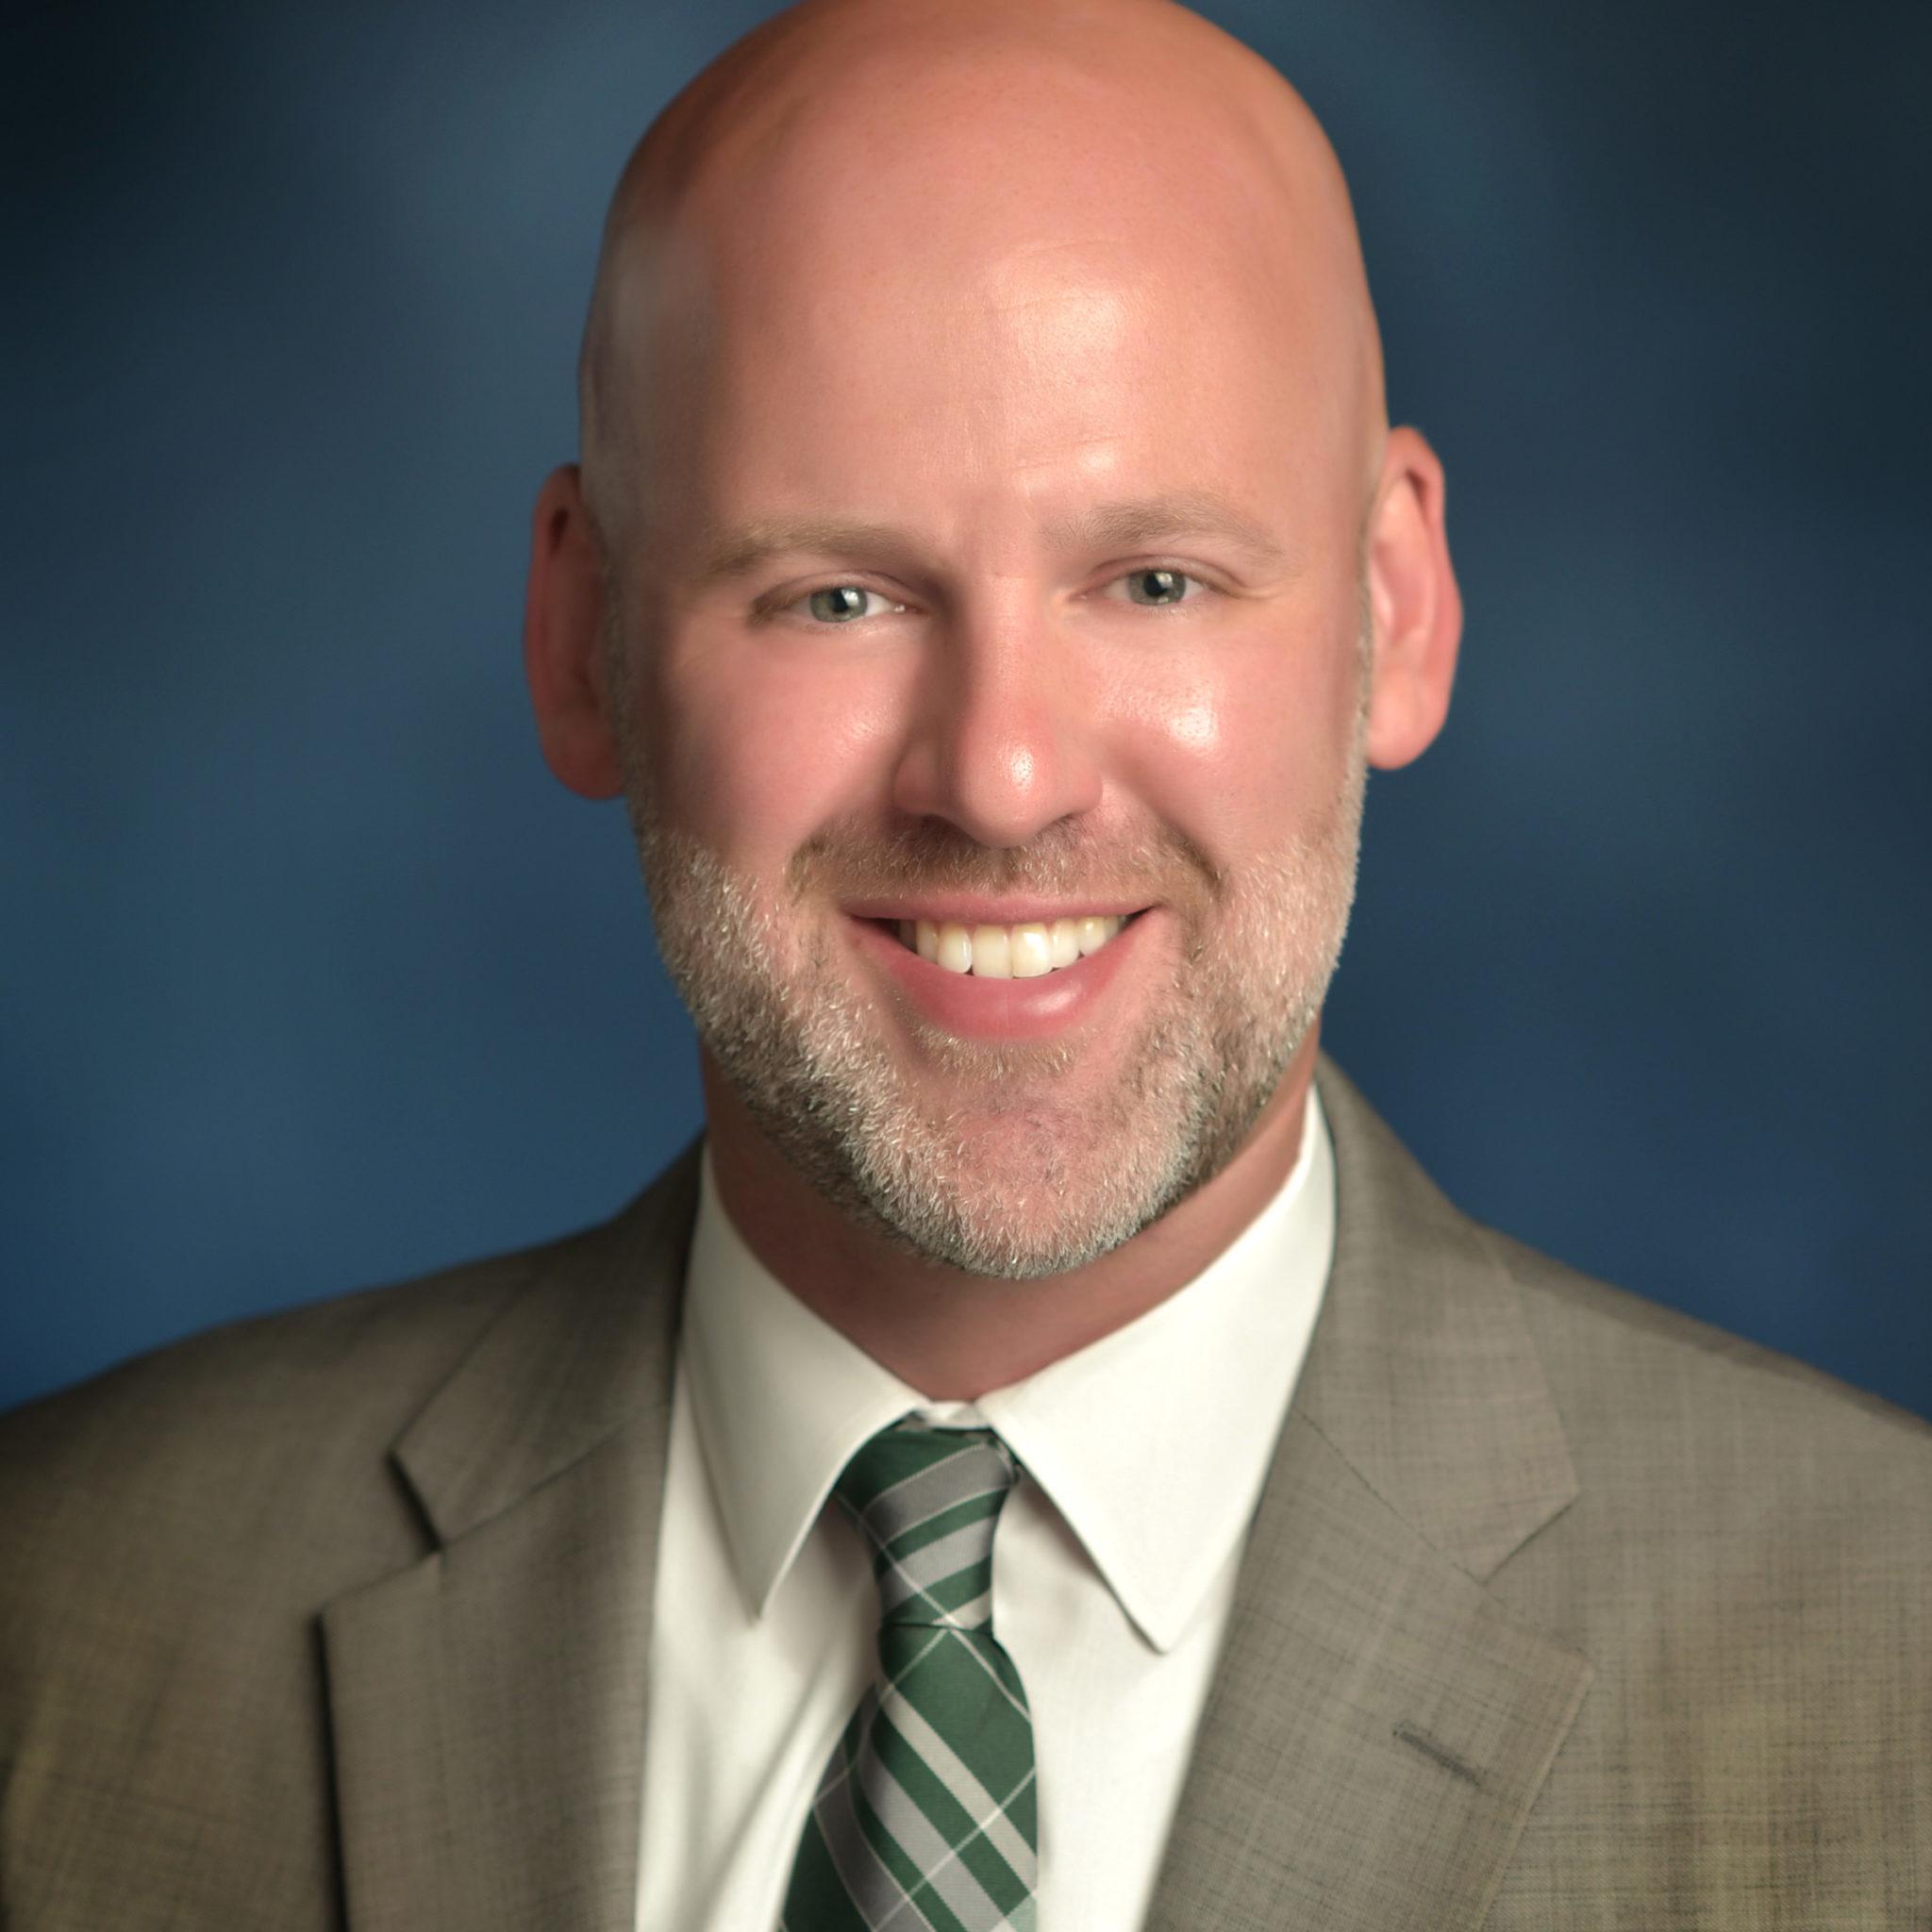 Mike McGroarty Jr